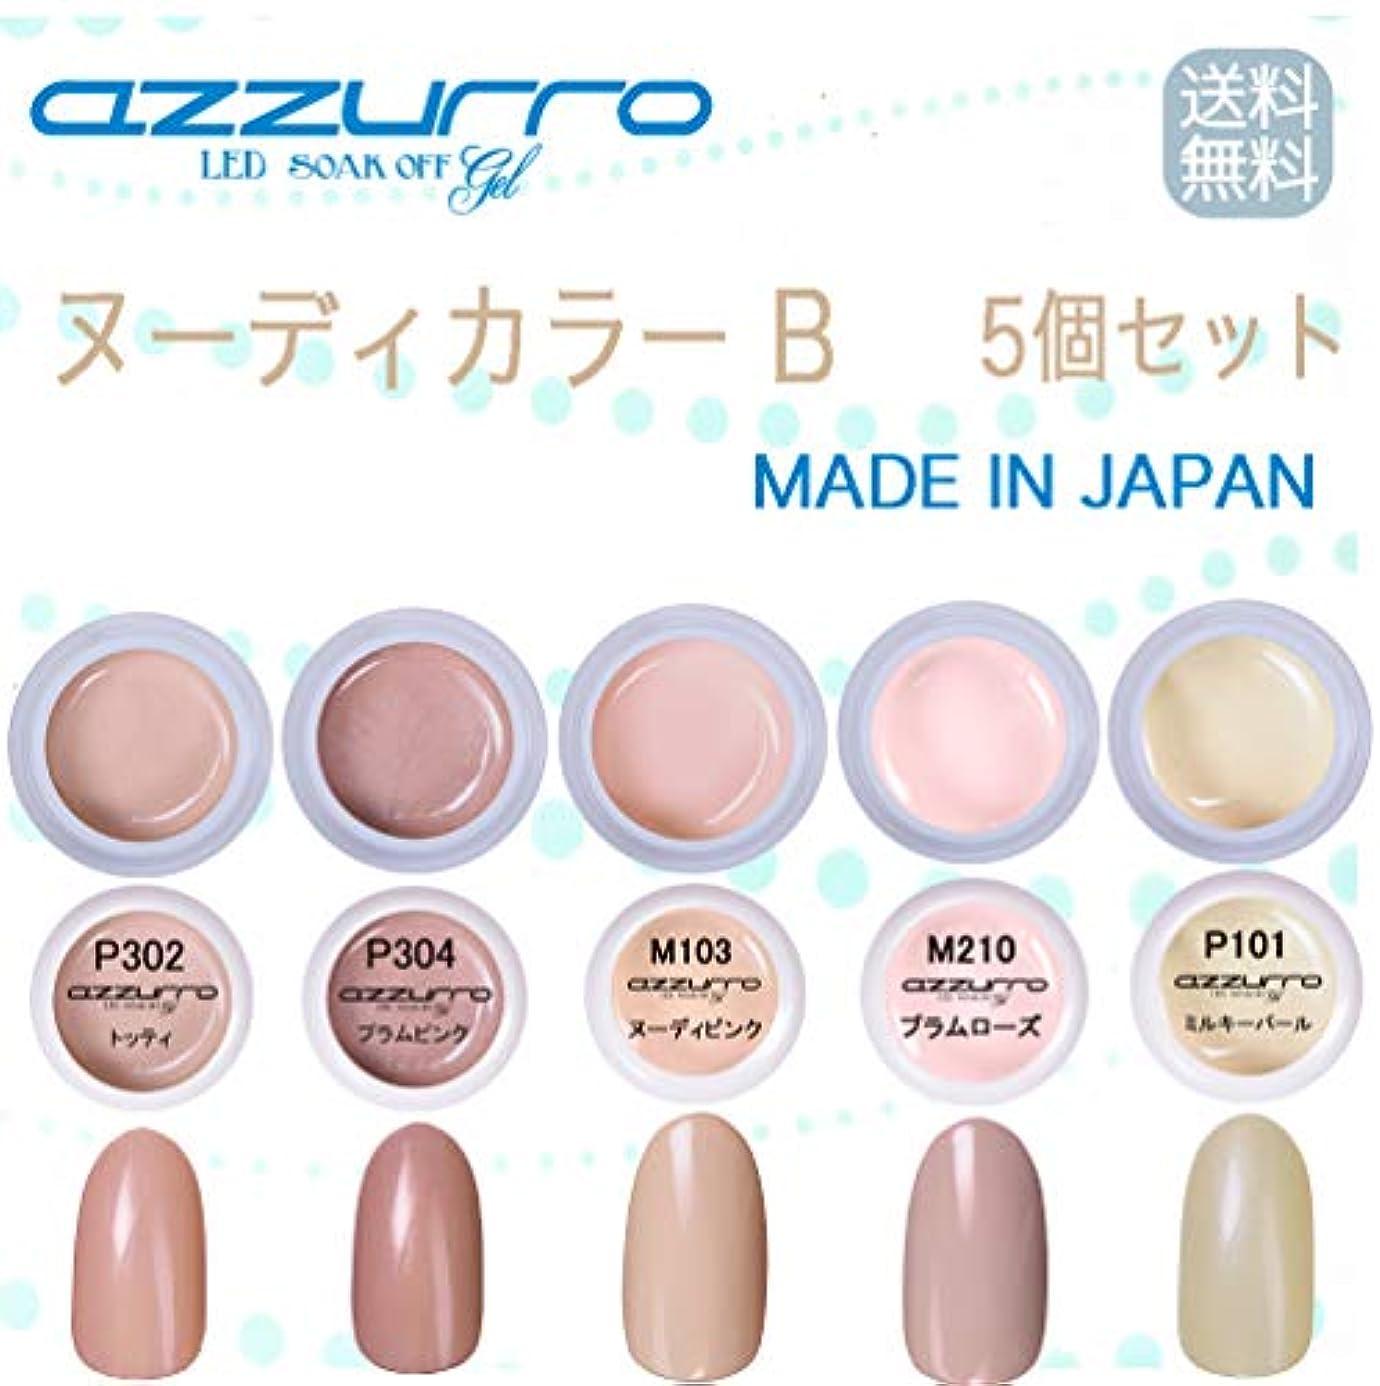 競争力のある落ち着く報いる【送料無料】日本製 azzurro gel ヌーディカラージェルB5個セット ヌーデイで扱いやすいパールも入った人気カラー